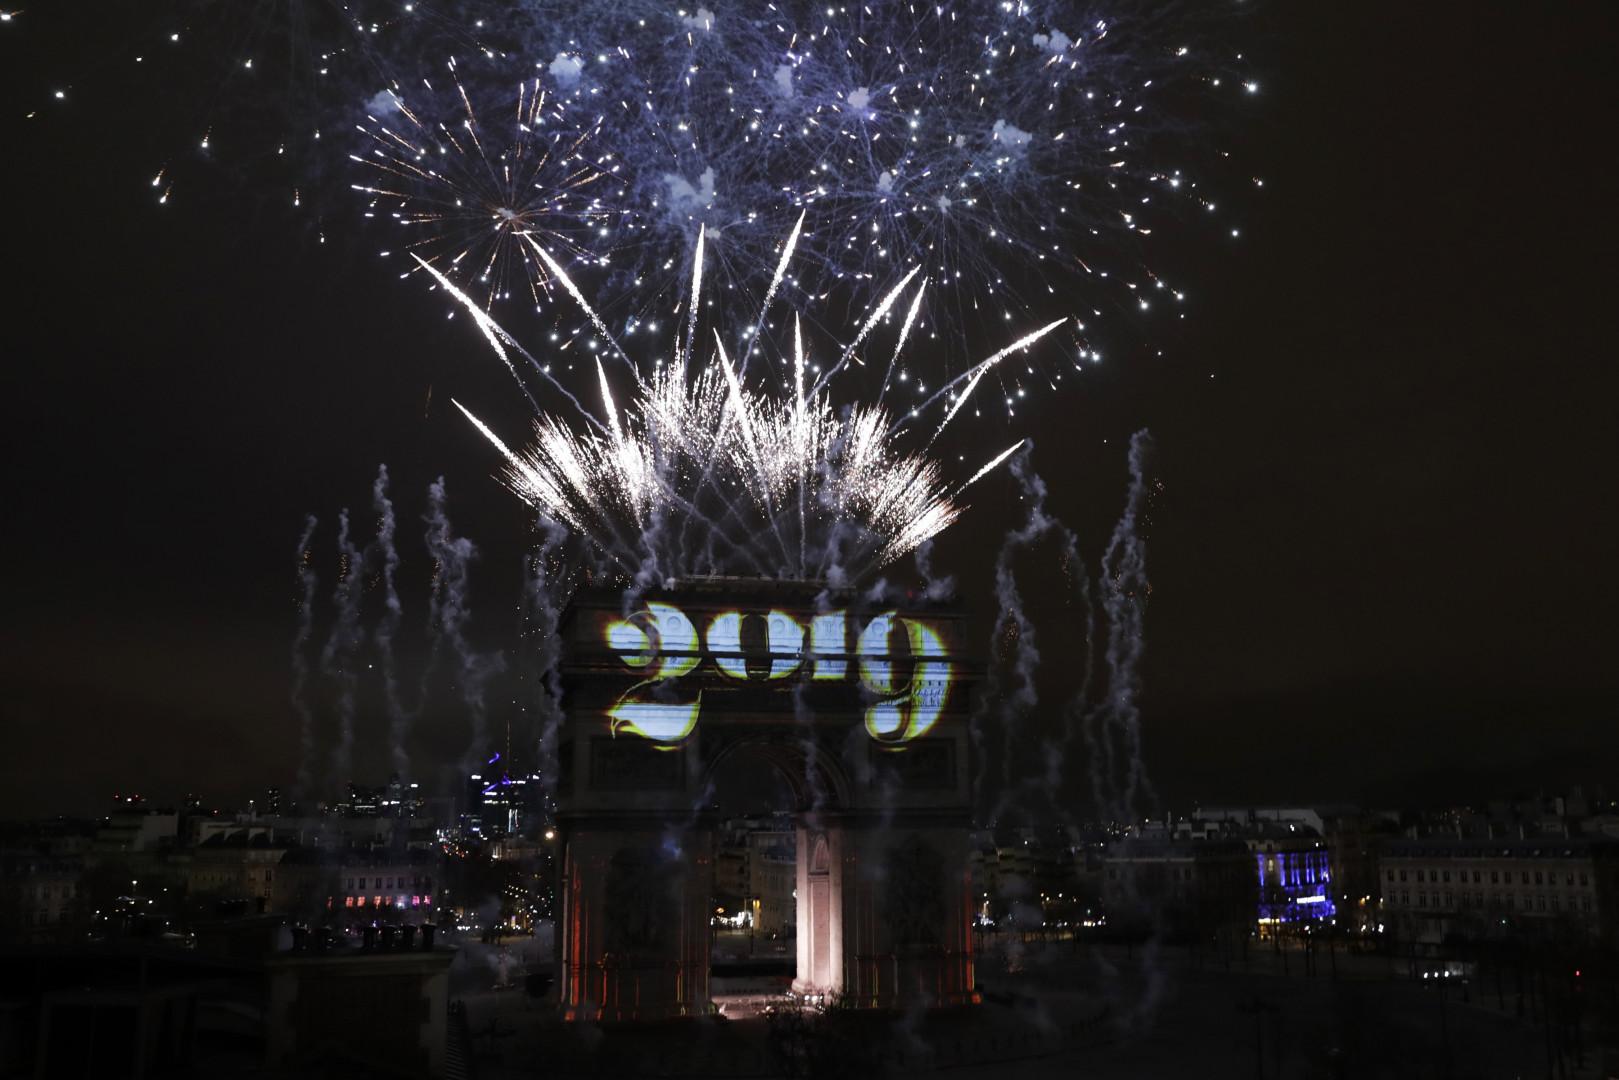 Le passage à 2019 a eu lieu à l'Arc de Triomphe à Paris